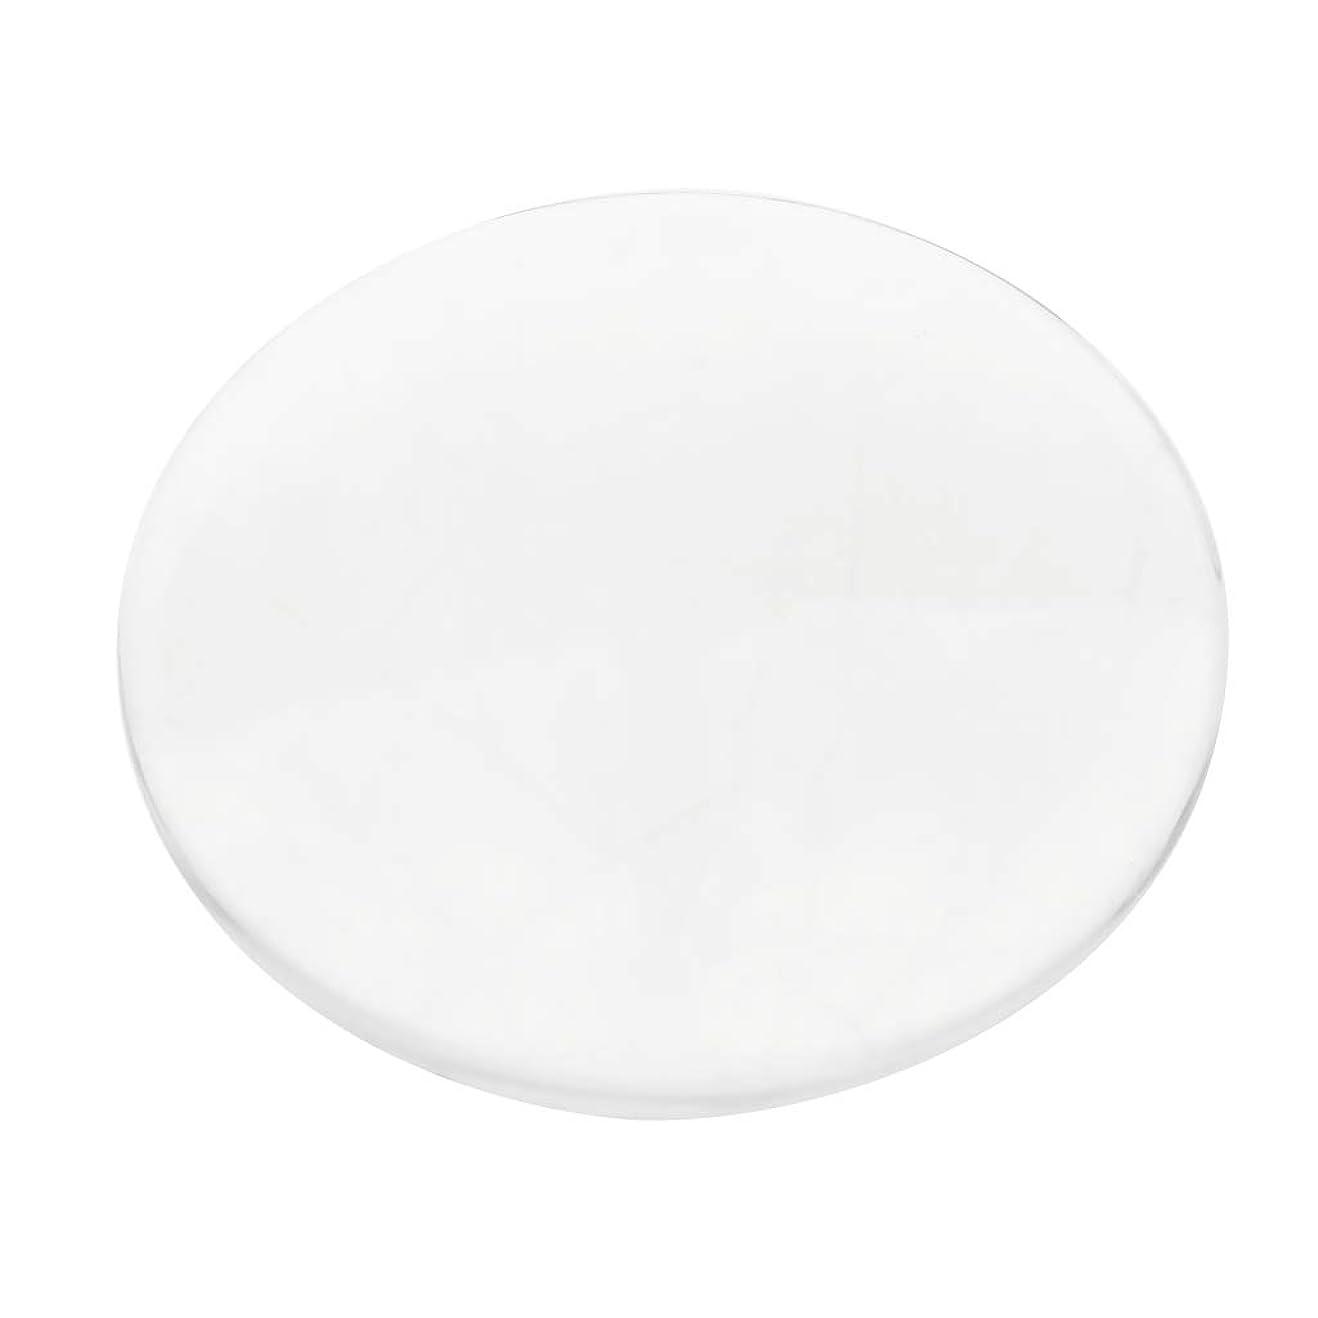 潮礼拝電気のPerfeclan まつげパッド 厚い 睫毛 ホルダー パッド トレイ 睫毛の拡張ツール 再使用可